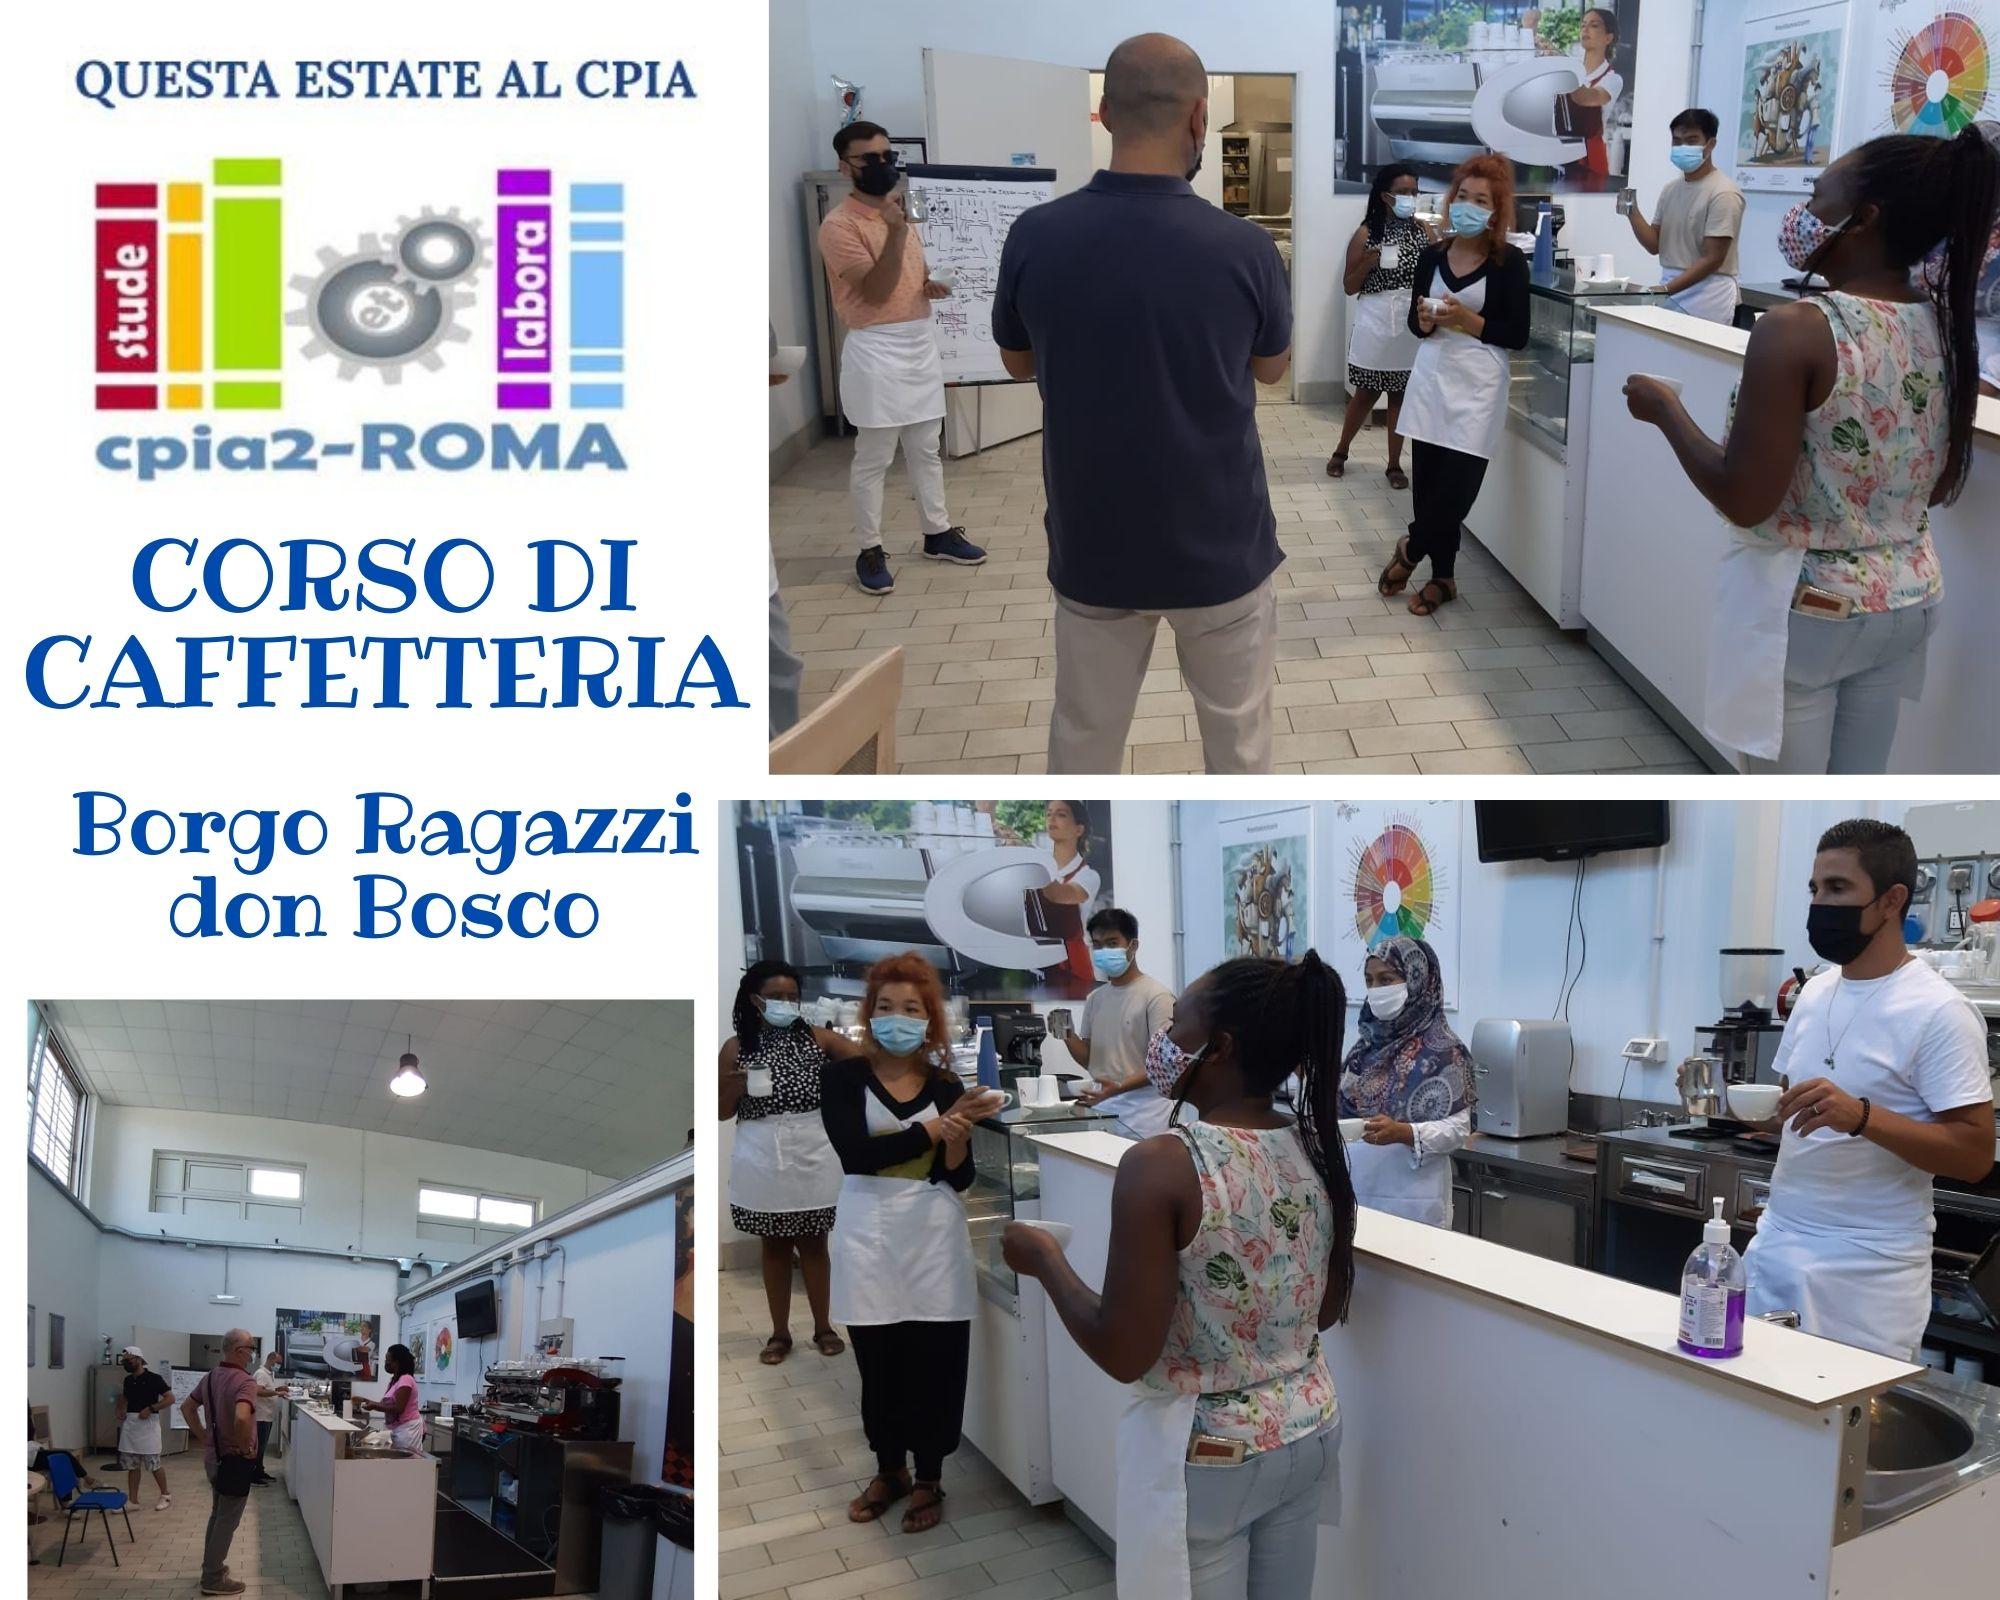 CORSO DI CAFFETTERIA Borgo Don Bosco